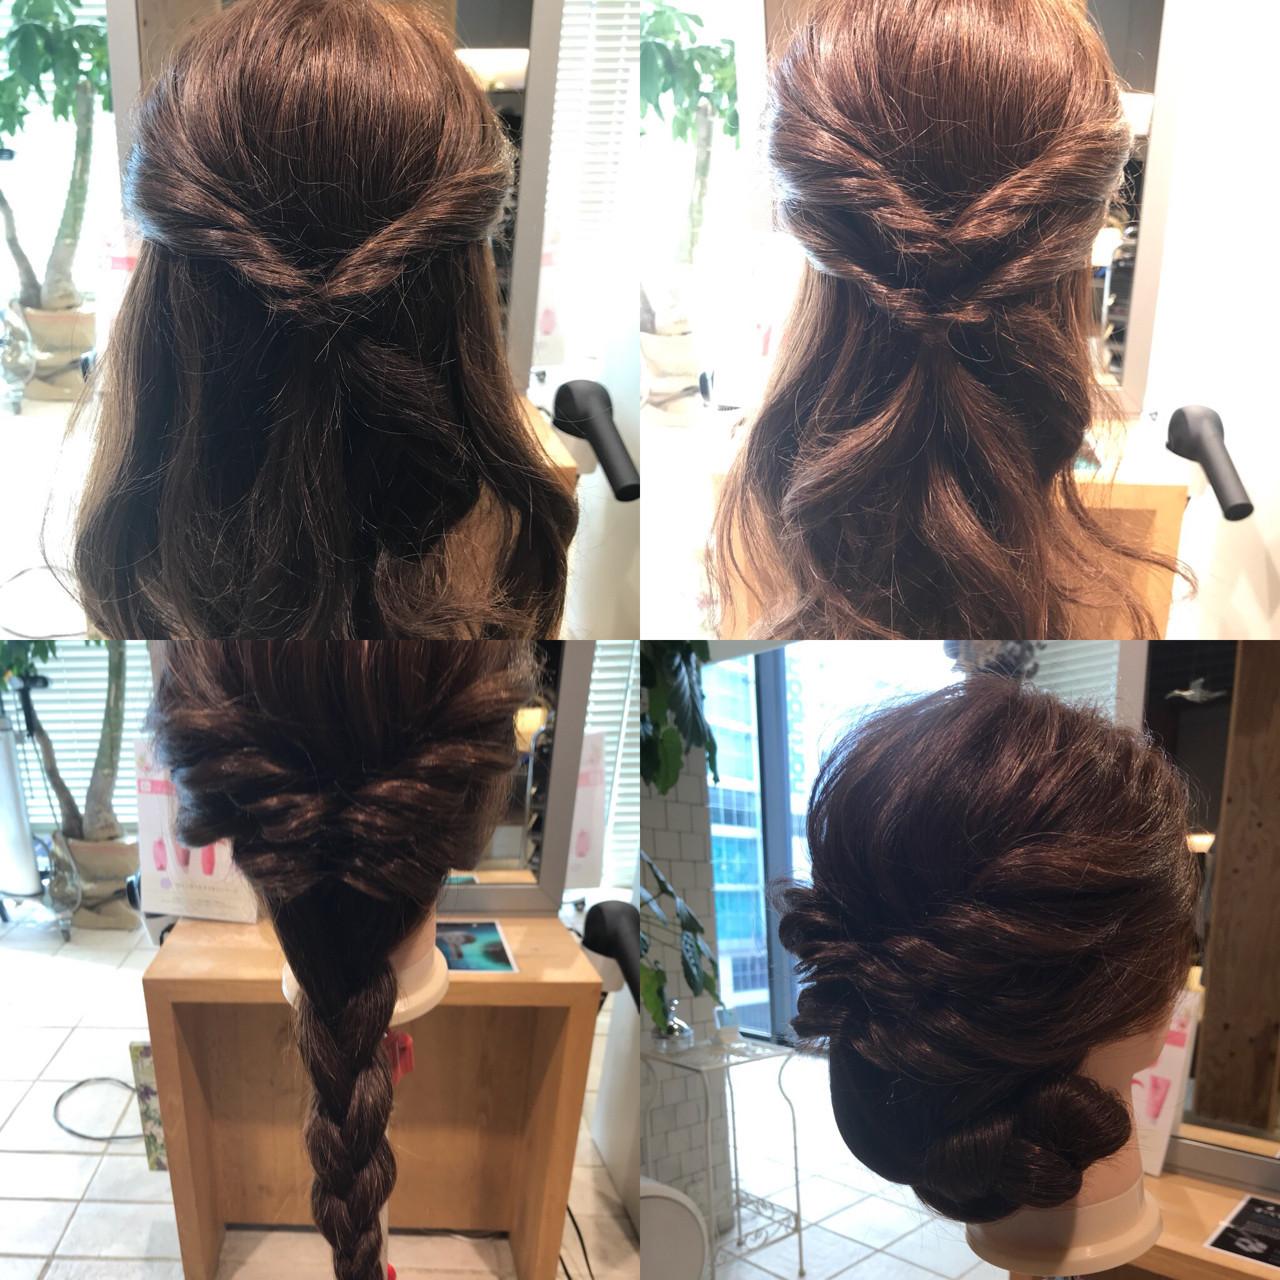 ロープ編みでくるりんぱからのまとめ髪 YASU | hair salon M.plus ヨツバコ店 (ヘアーサロン エムプラス)